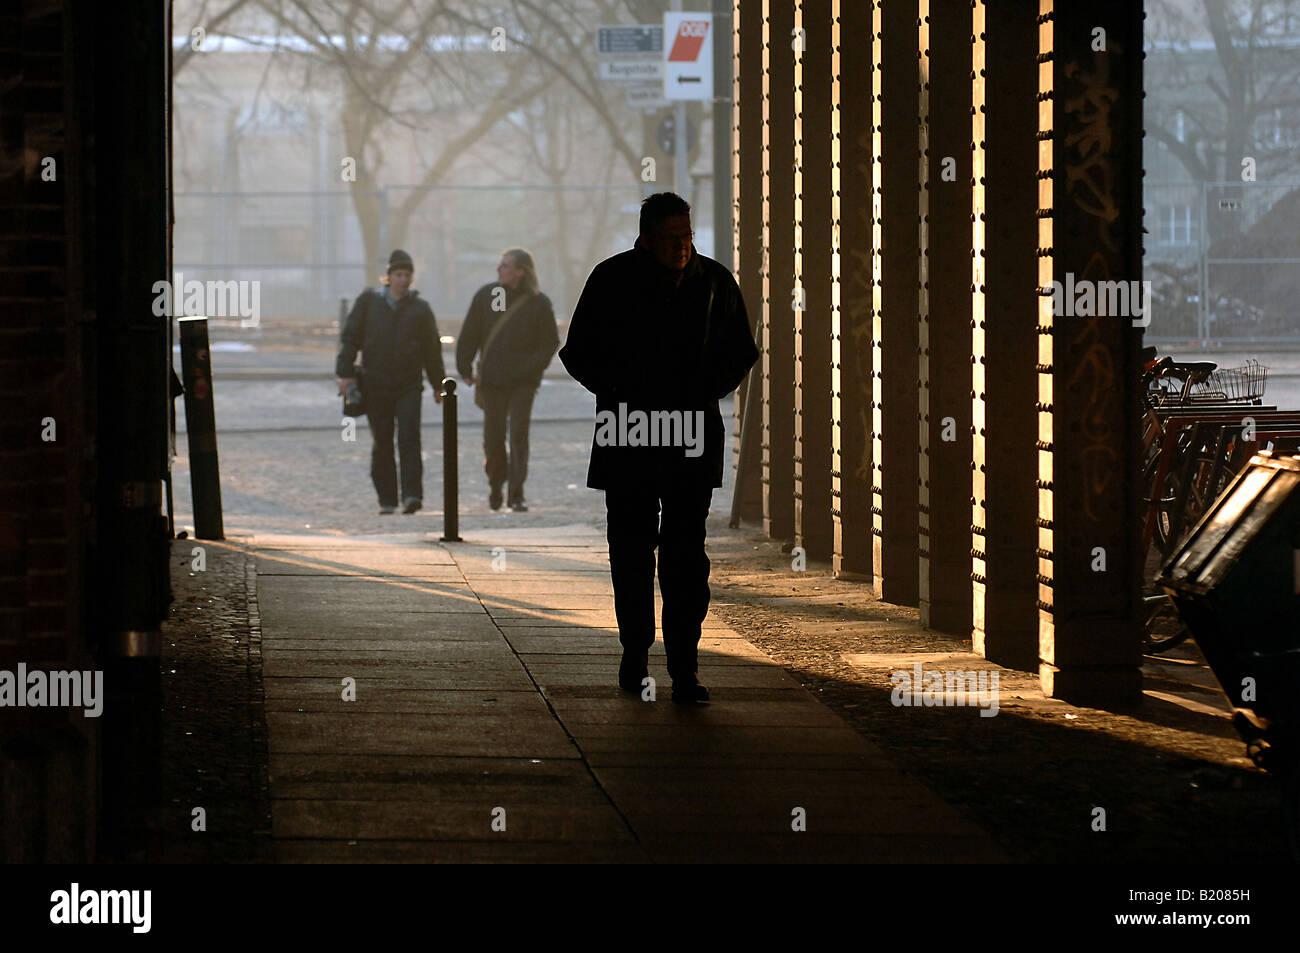 Hombre caminando bajo un puente, Berlín, Alemania Imagen De Stock